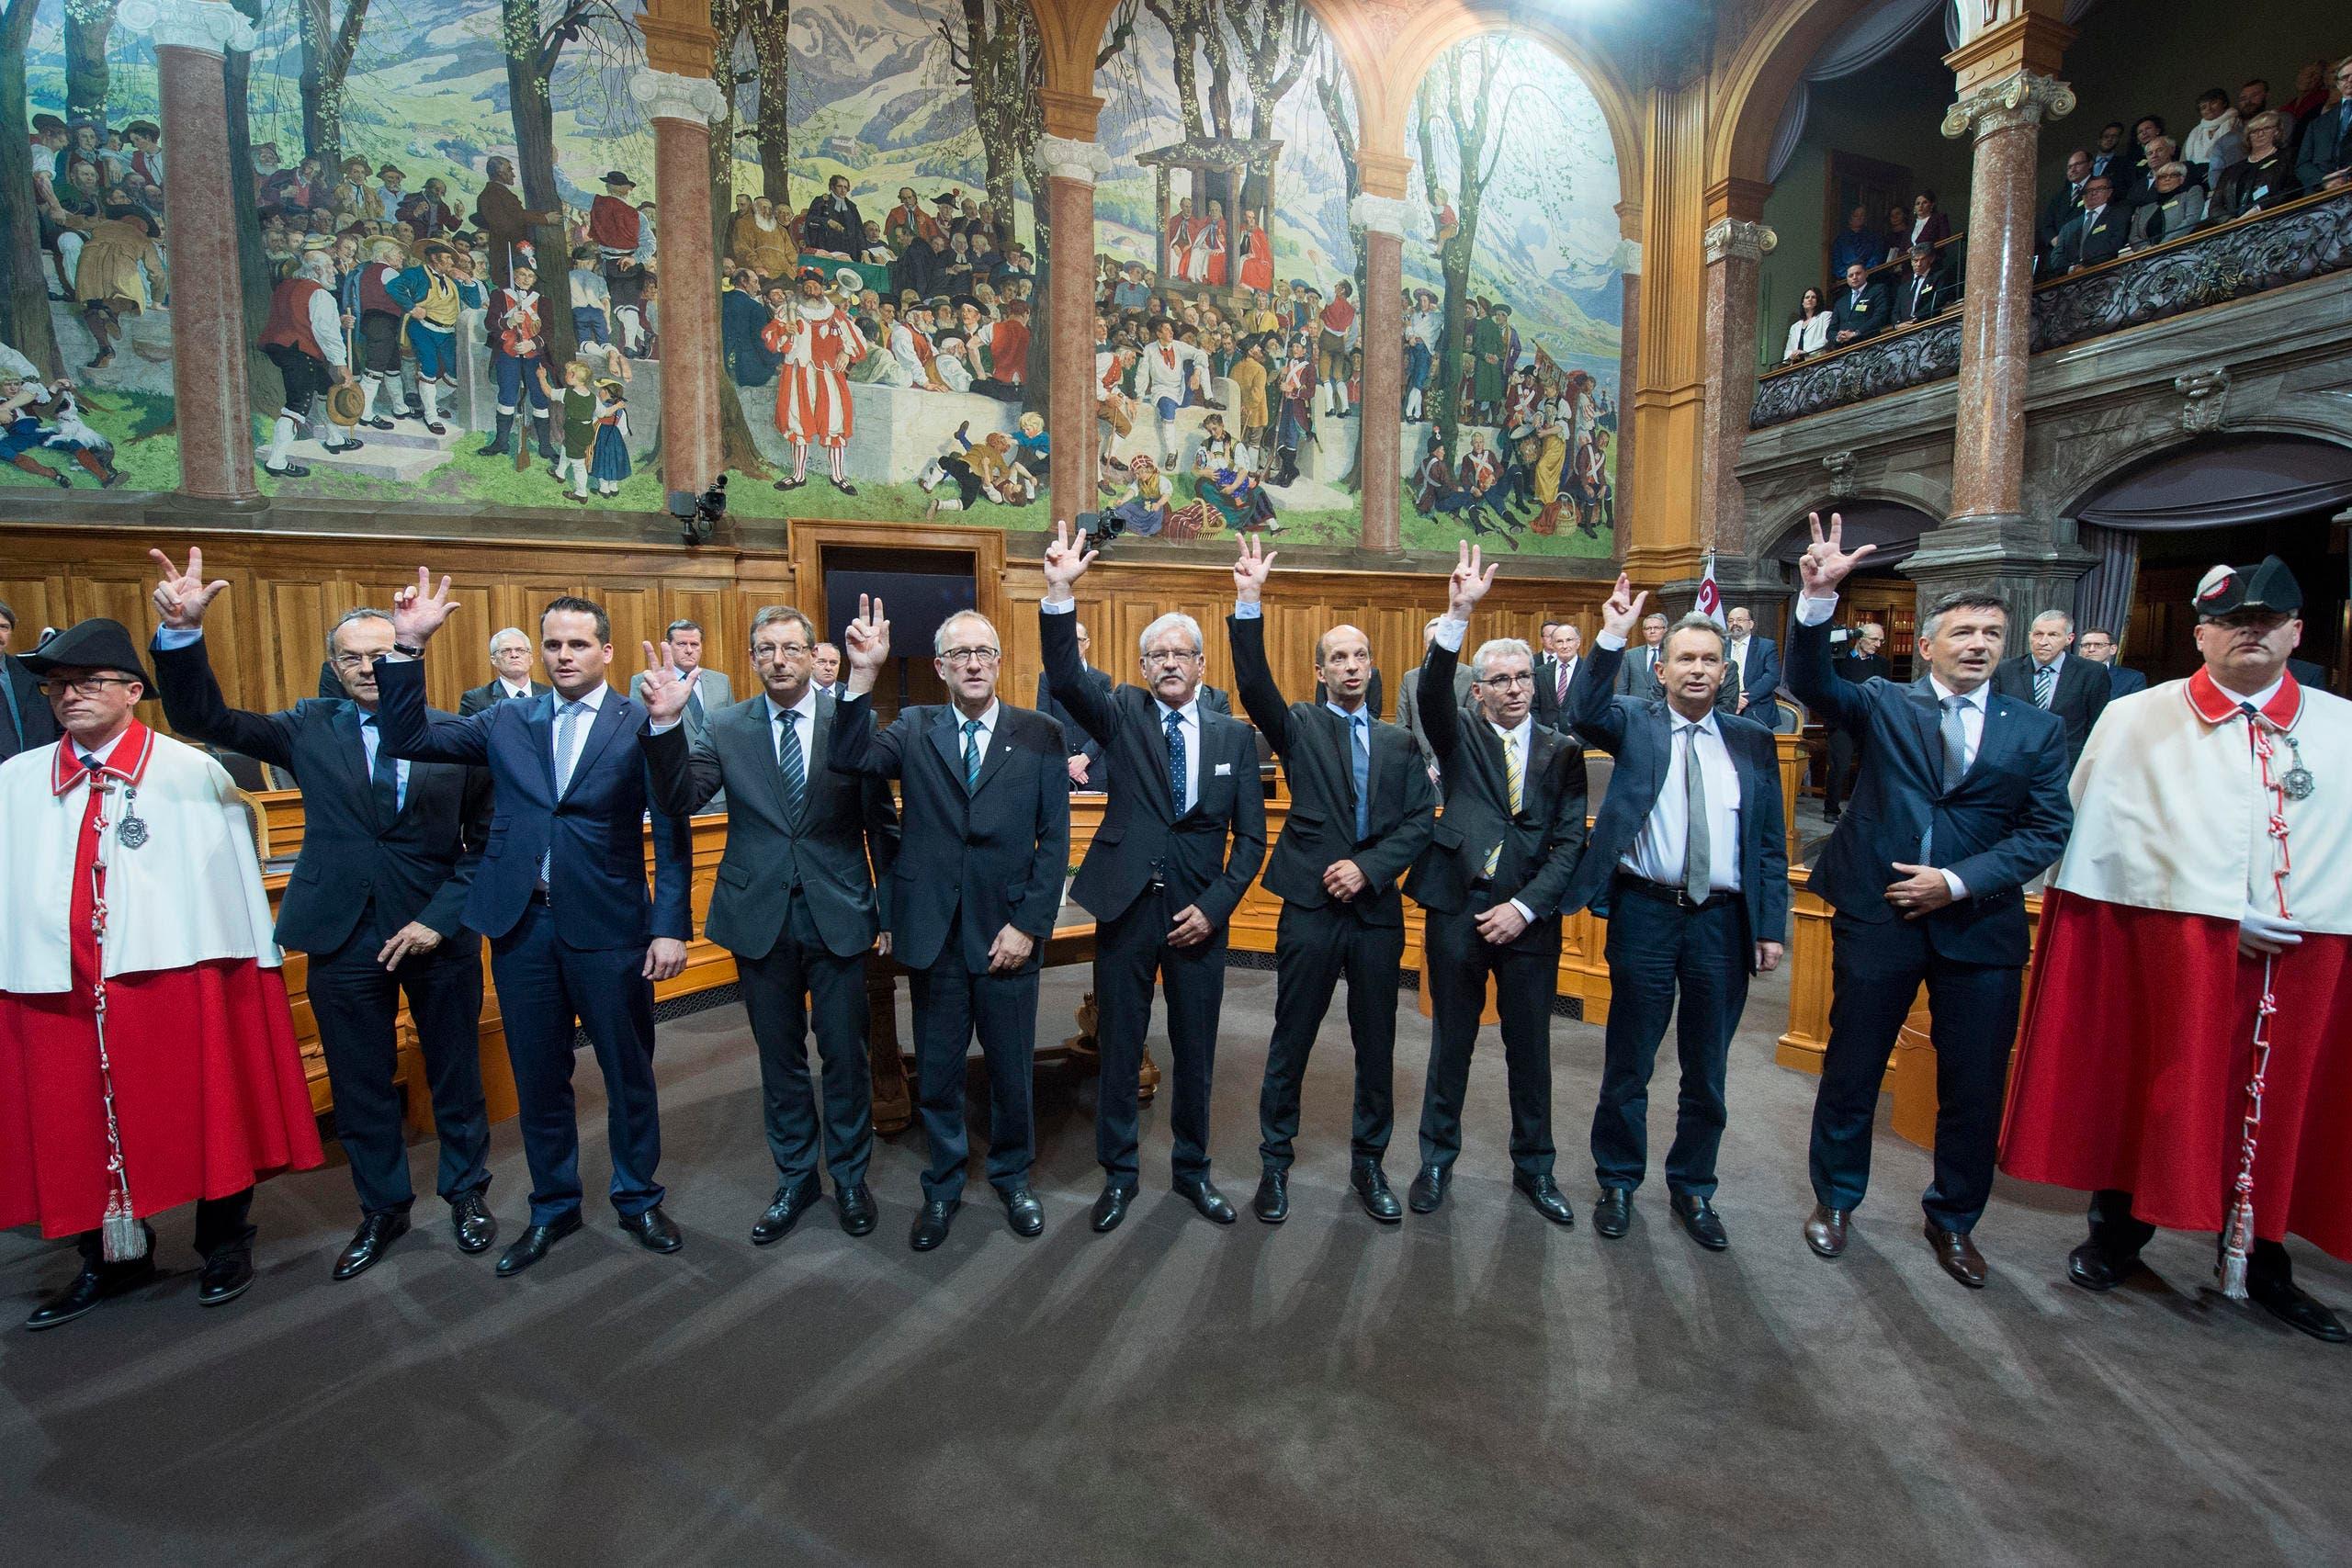 Vereidigungszeremonie der neugewählten Ständeräte. Auf dem Bild zu sehen sind Damian Müller (Luzern, zweiter von links), Josef Dittli (Uri, dritter von links), Peter Hegglin (Zug, vierter von links), Erich Ettlin (Obwalden, dritter von rechts) und Hans Wicki (Nidwalden, ganz rechts). (Bild: Keystone)